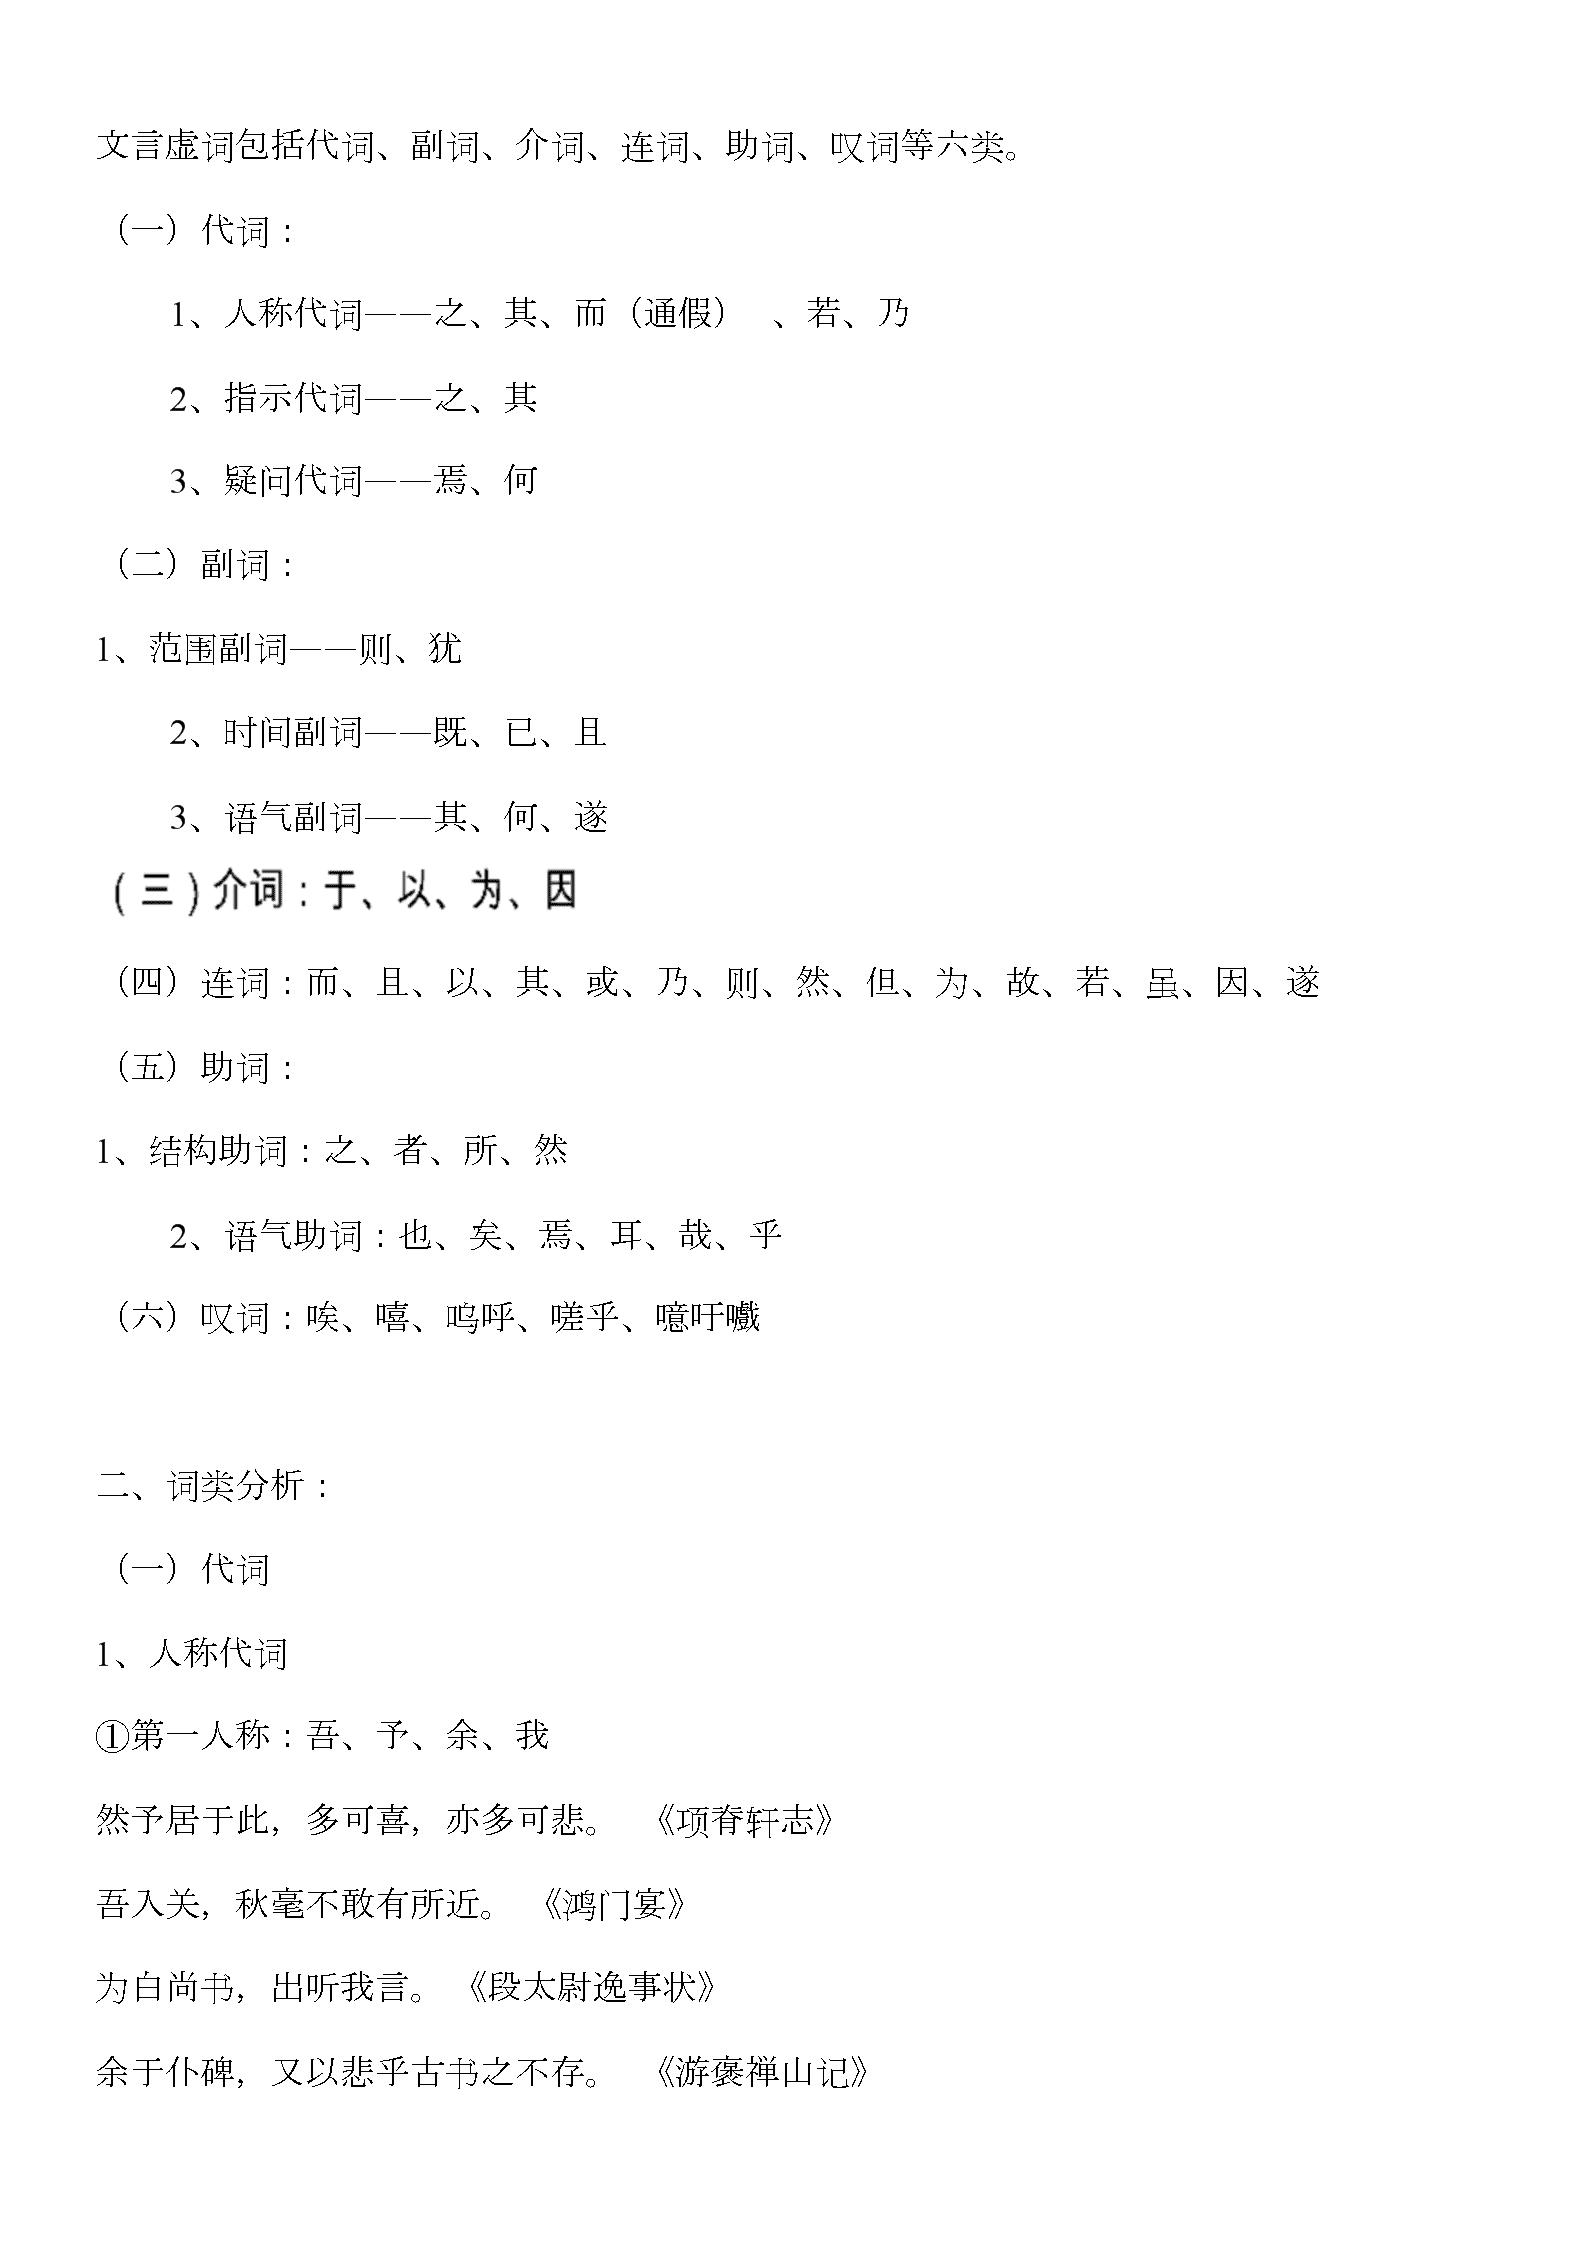 【史上最全】高考必备高中文言文虚词知识点总结.doc